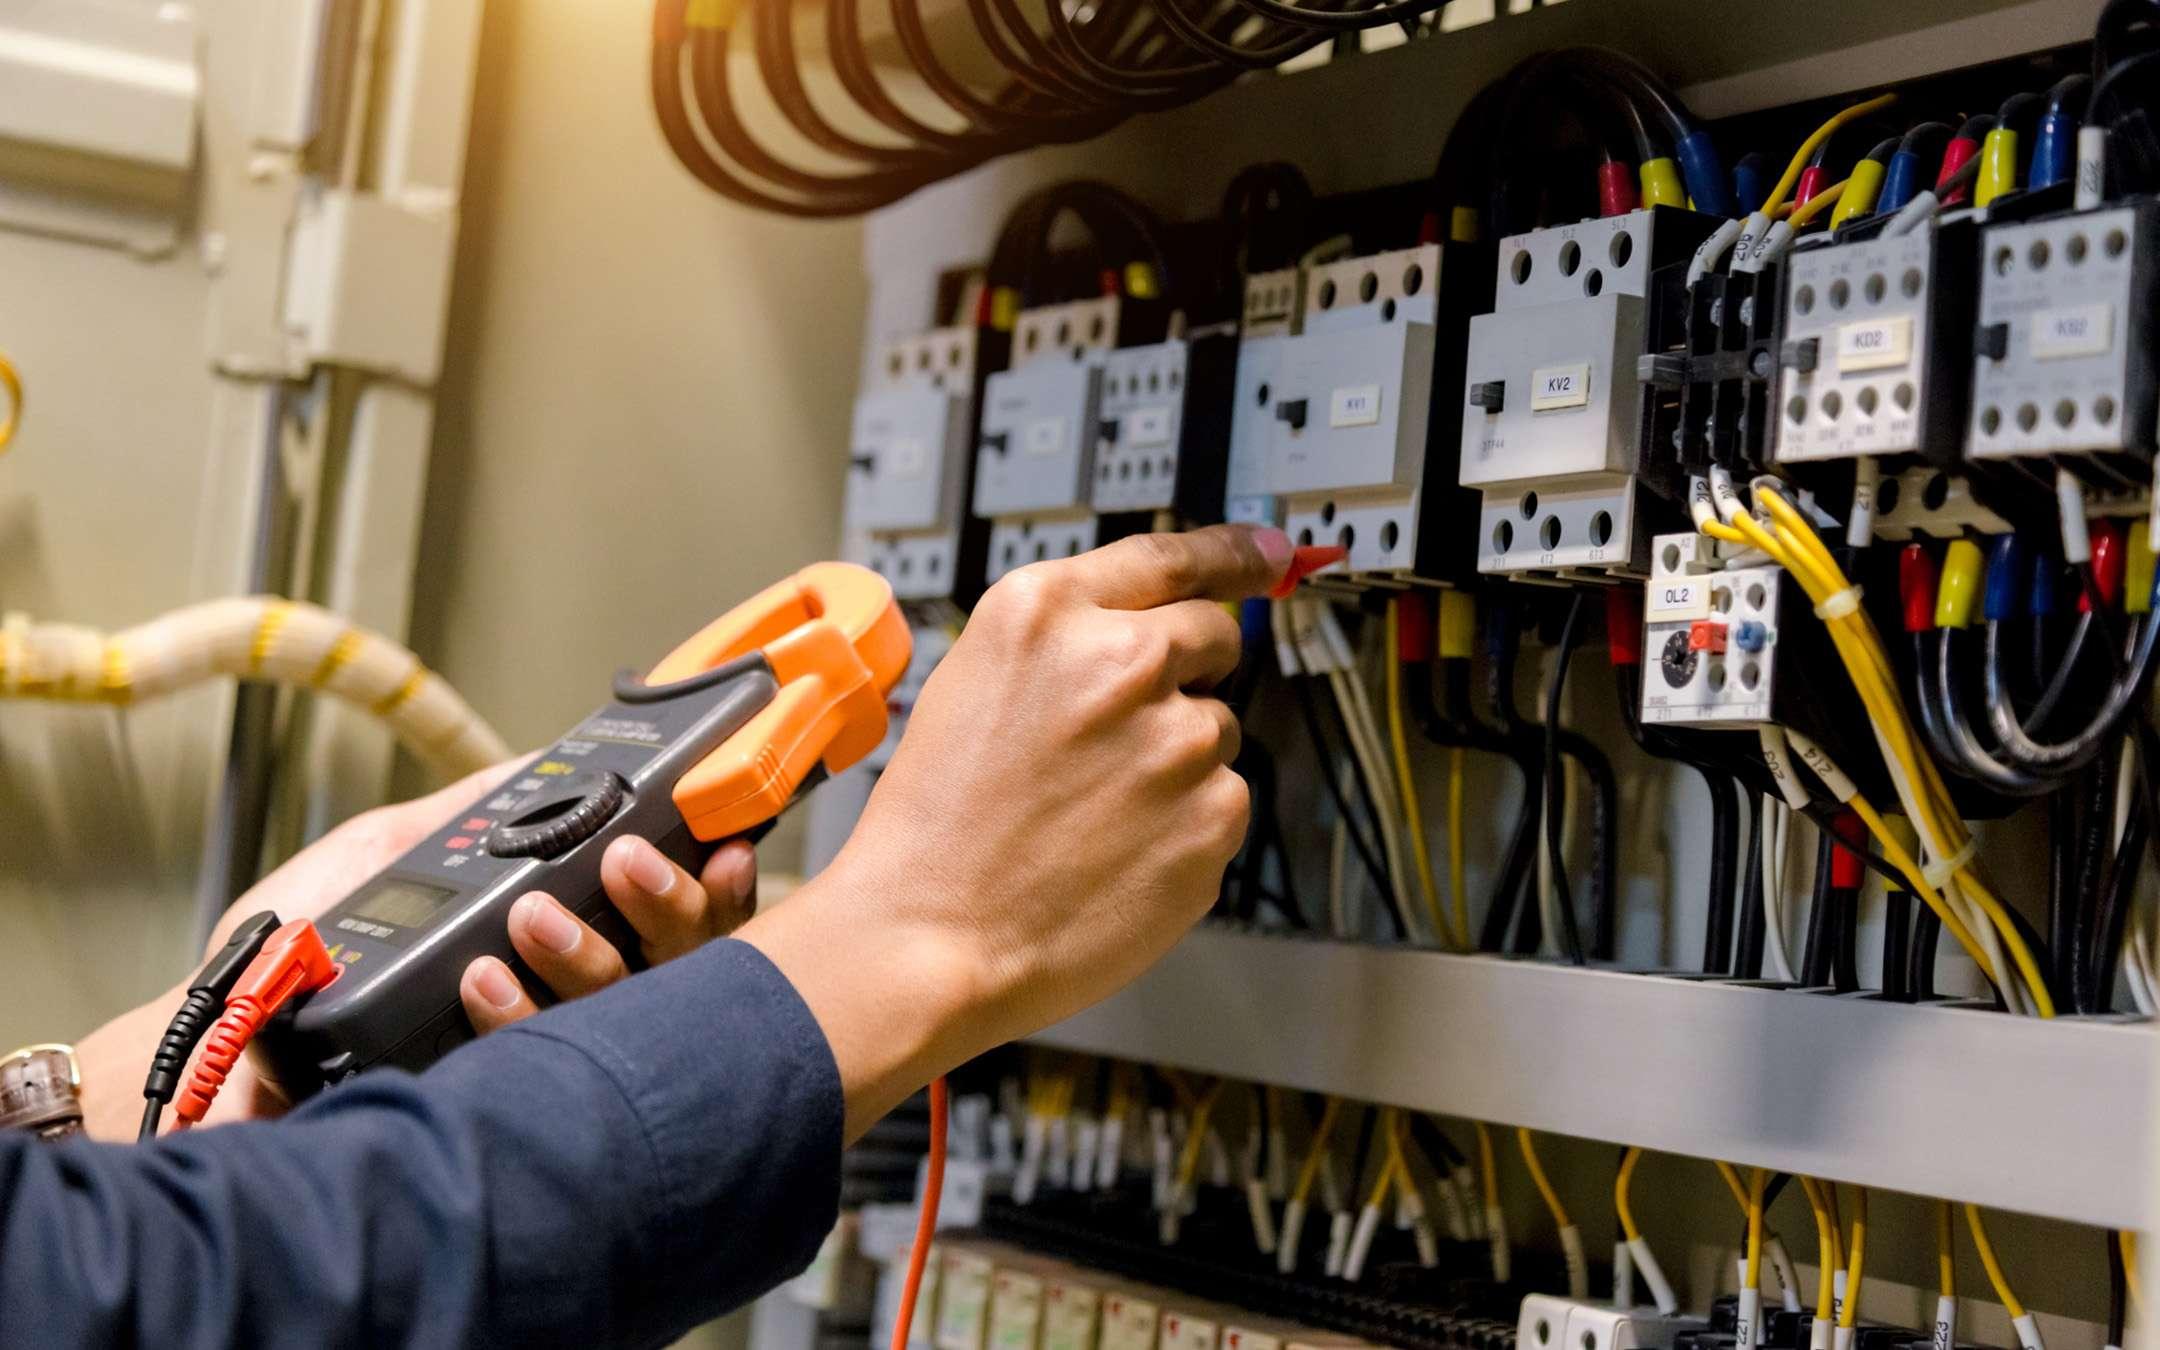 Impianto di messa a terra elettrico: guida, verifica e normativa